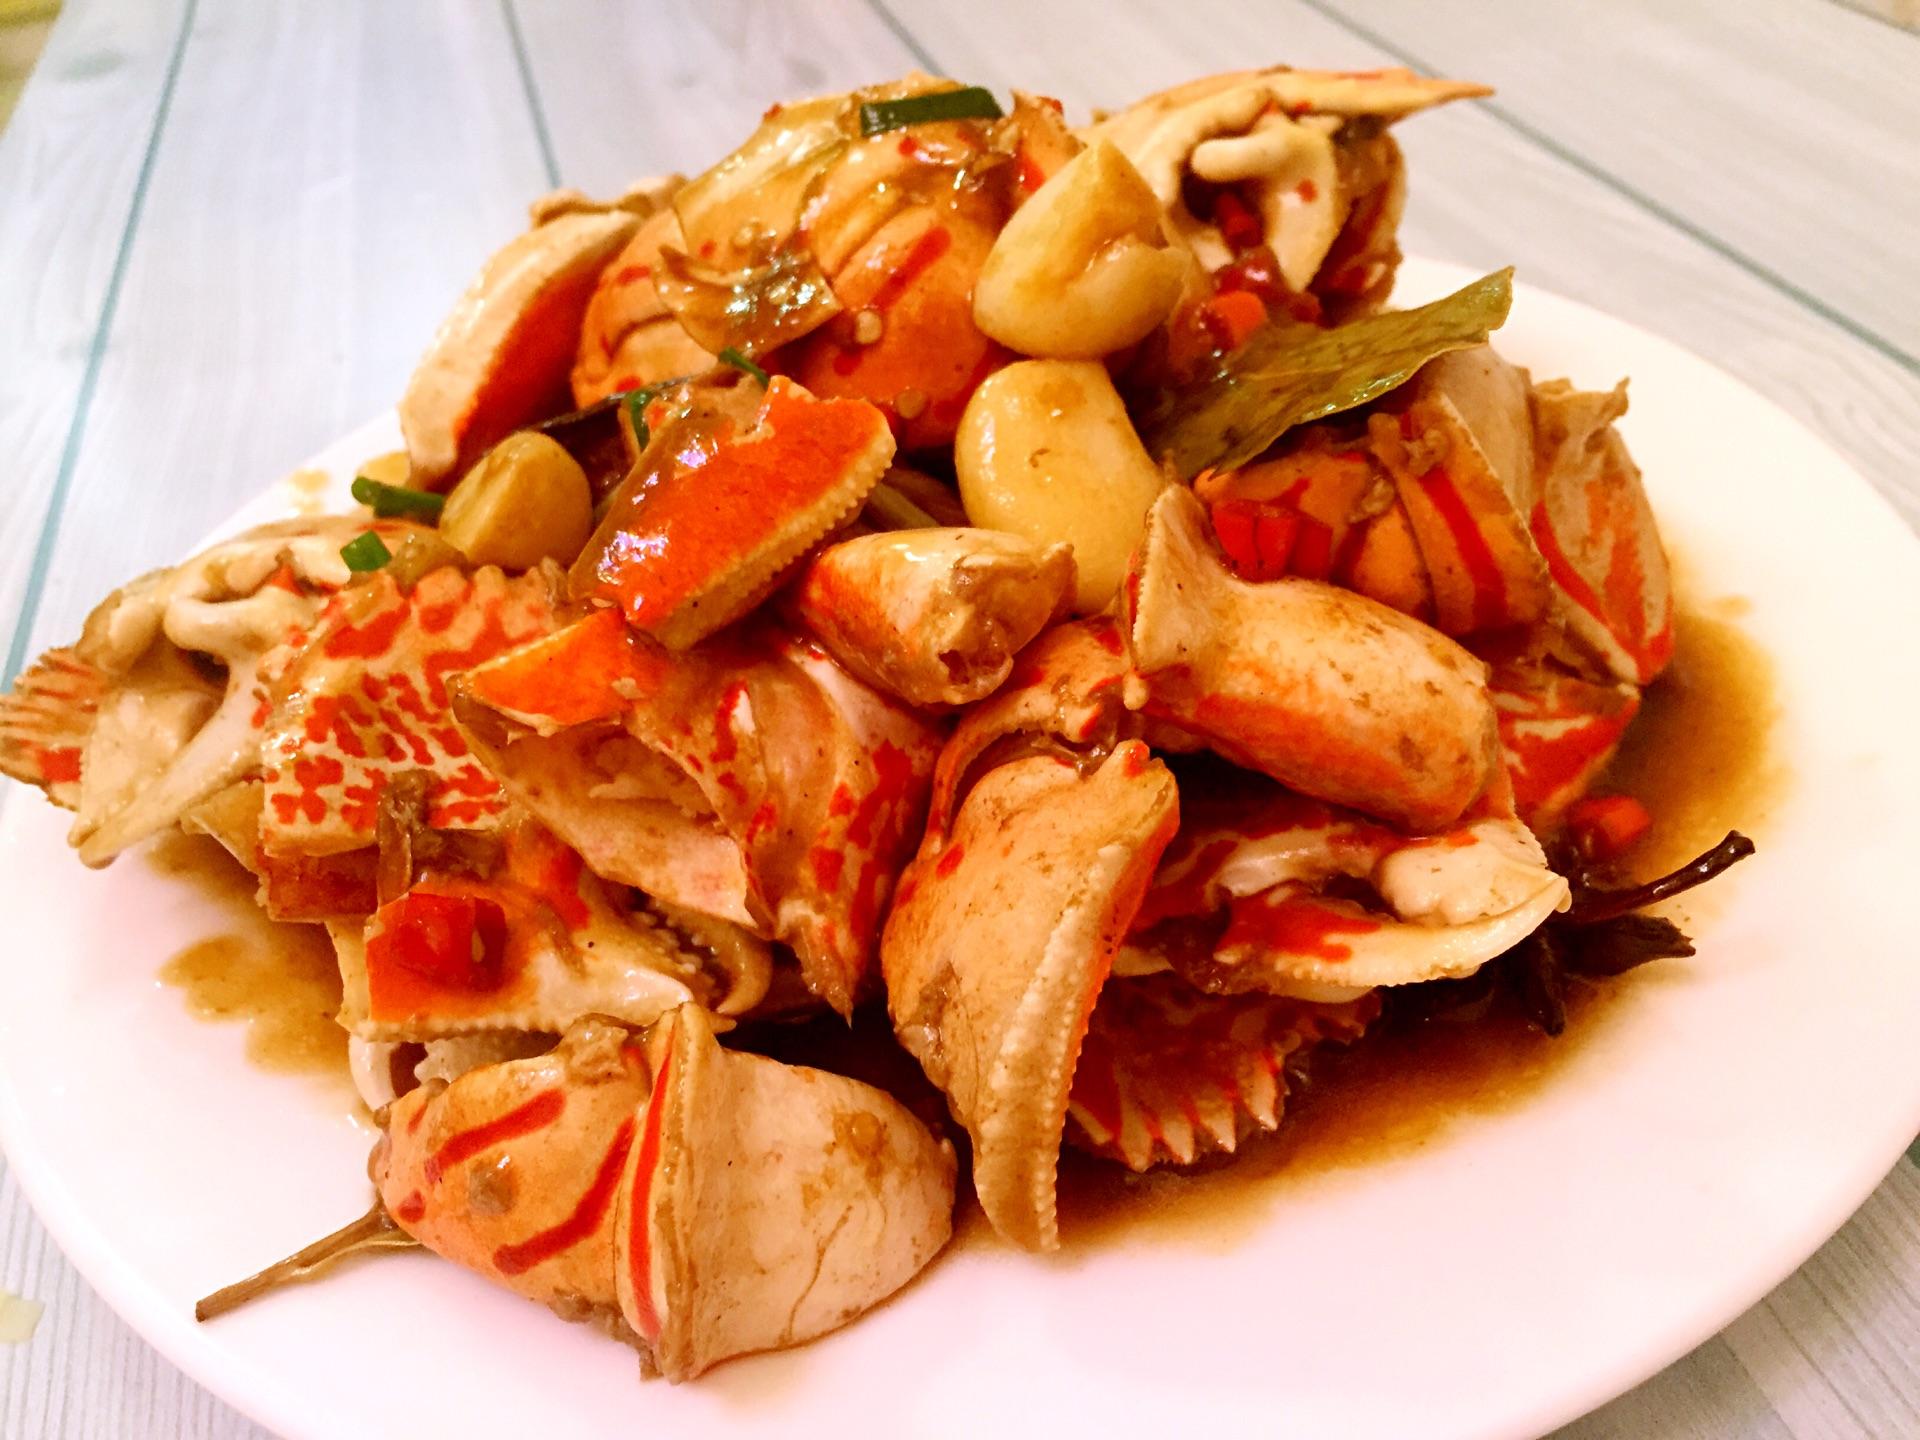 香辣美食脚的做法_螃蟹_豆果鸡蛋紫菜做法辣汤的菜谱大全图片